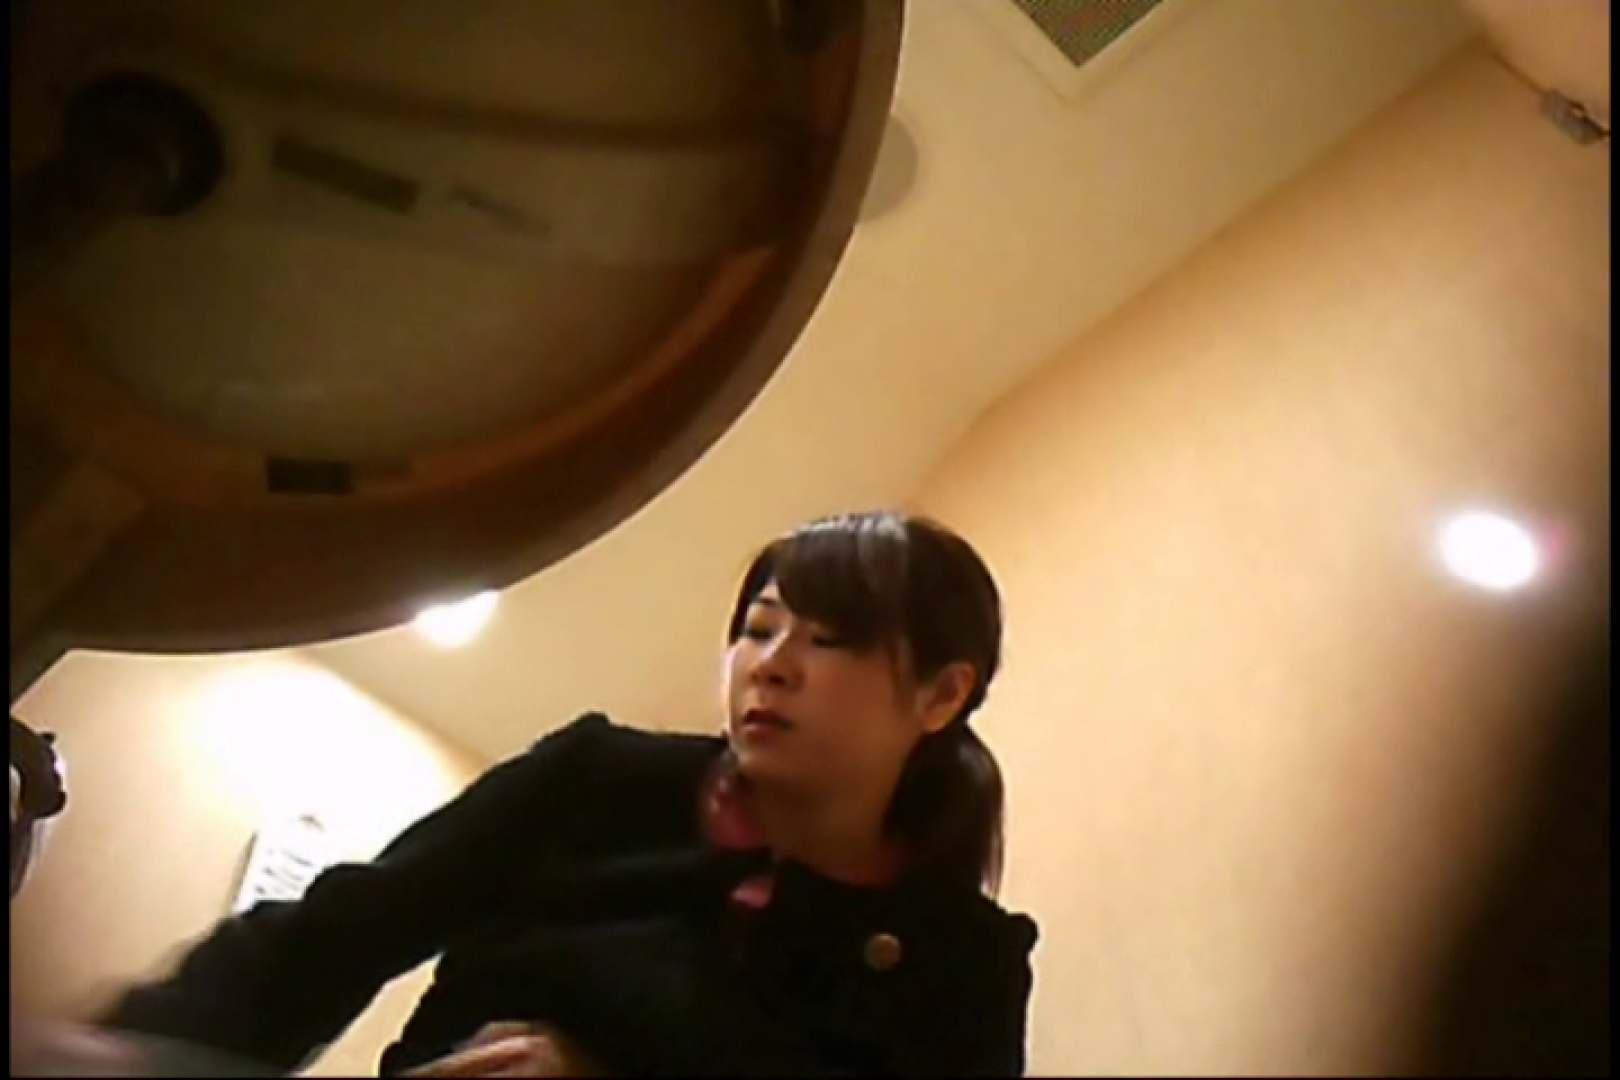 潜入!!女子化粧室盗撮~絶対見られたくない時間~vo,81 熟女丸裸 | お姉さん丸裸  82pic 6